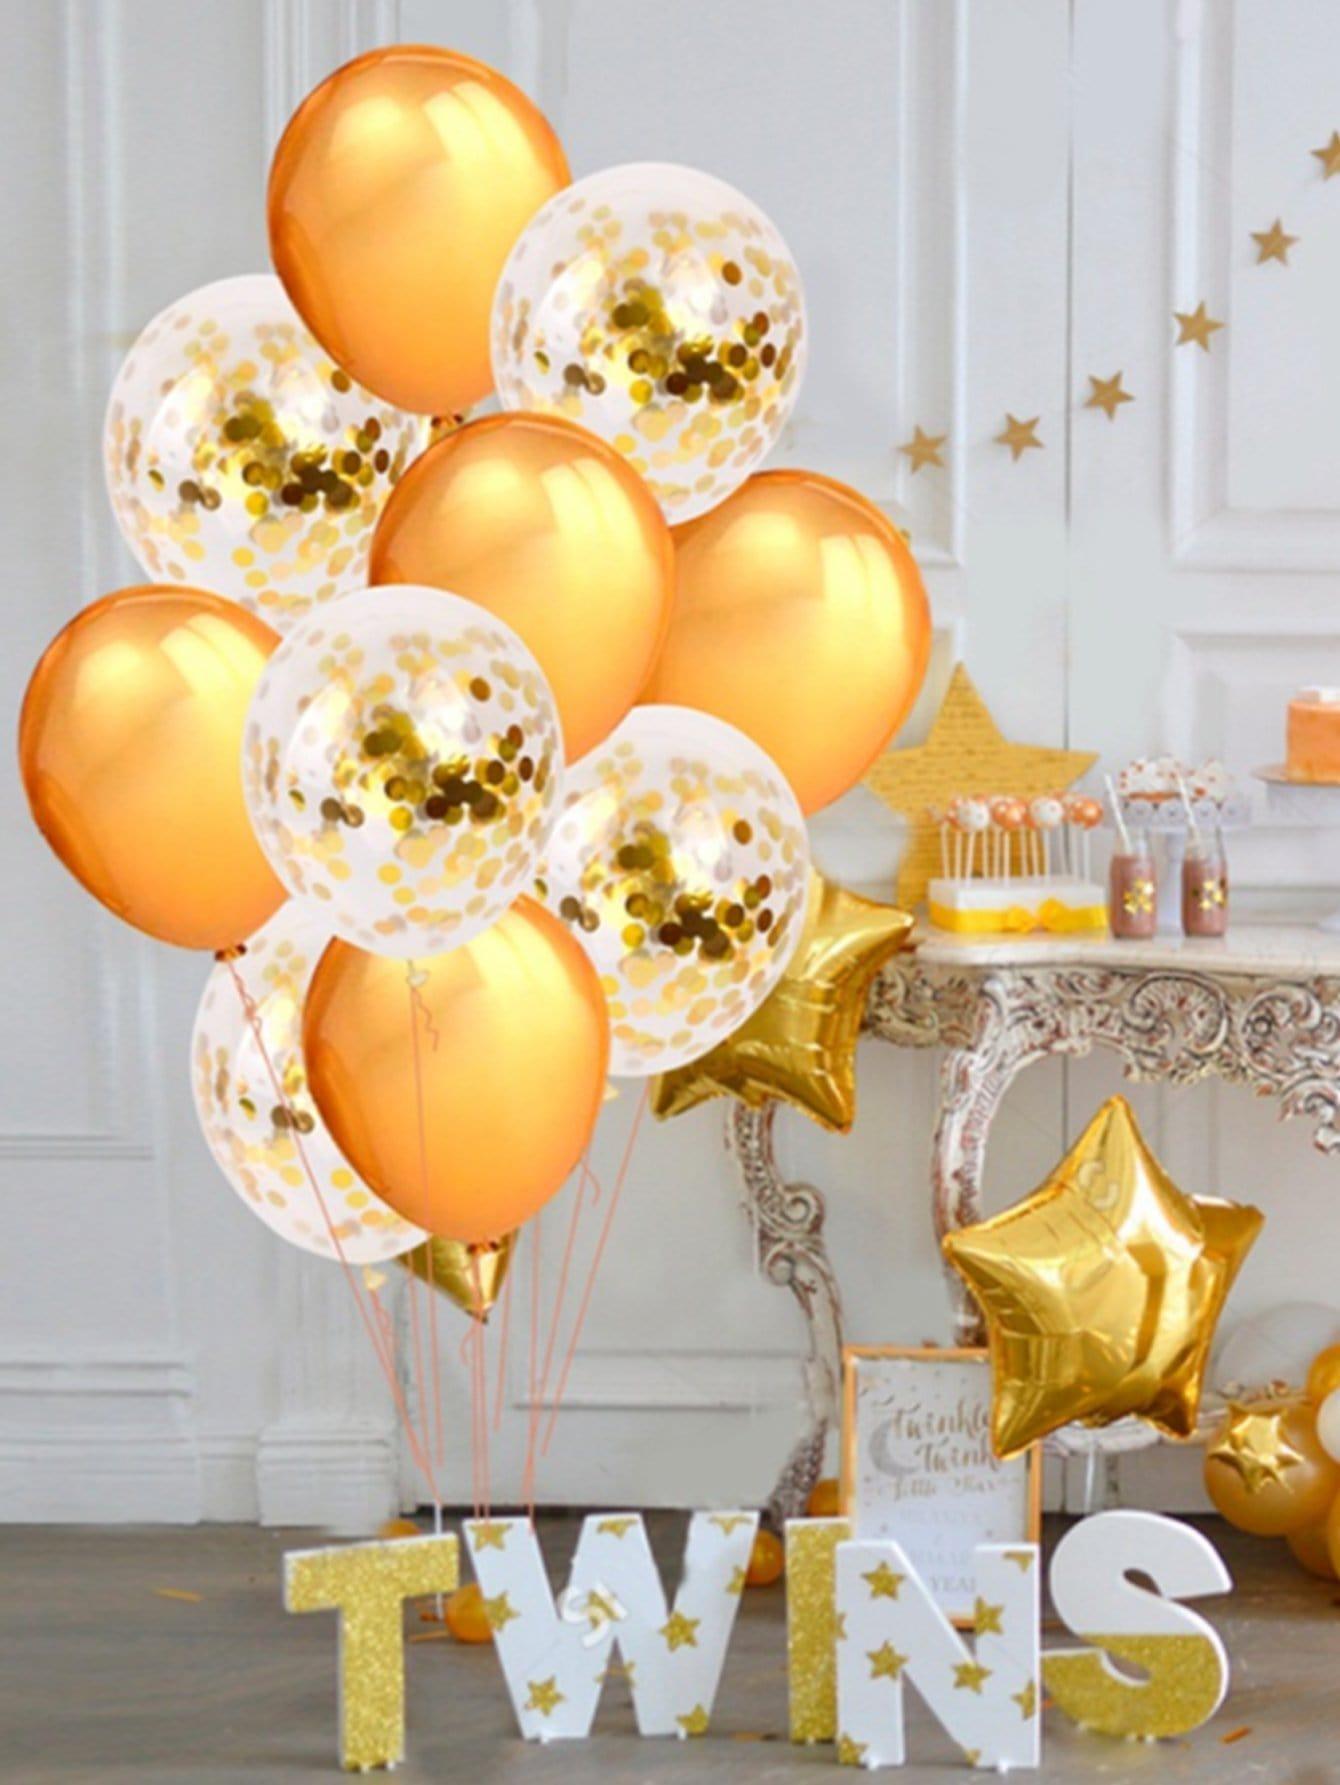 Купить 12 дюймов круглый воздушный шар 5 шт и воздушный шар пайетки 5 шт, null, SheIn